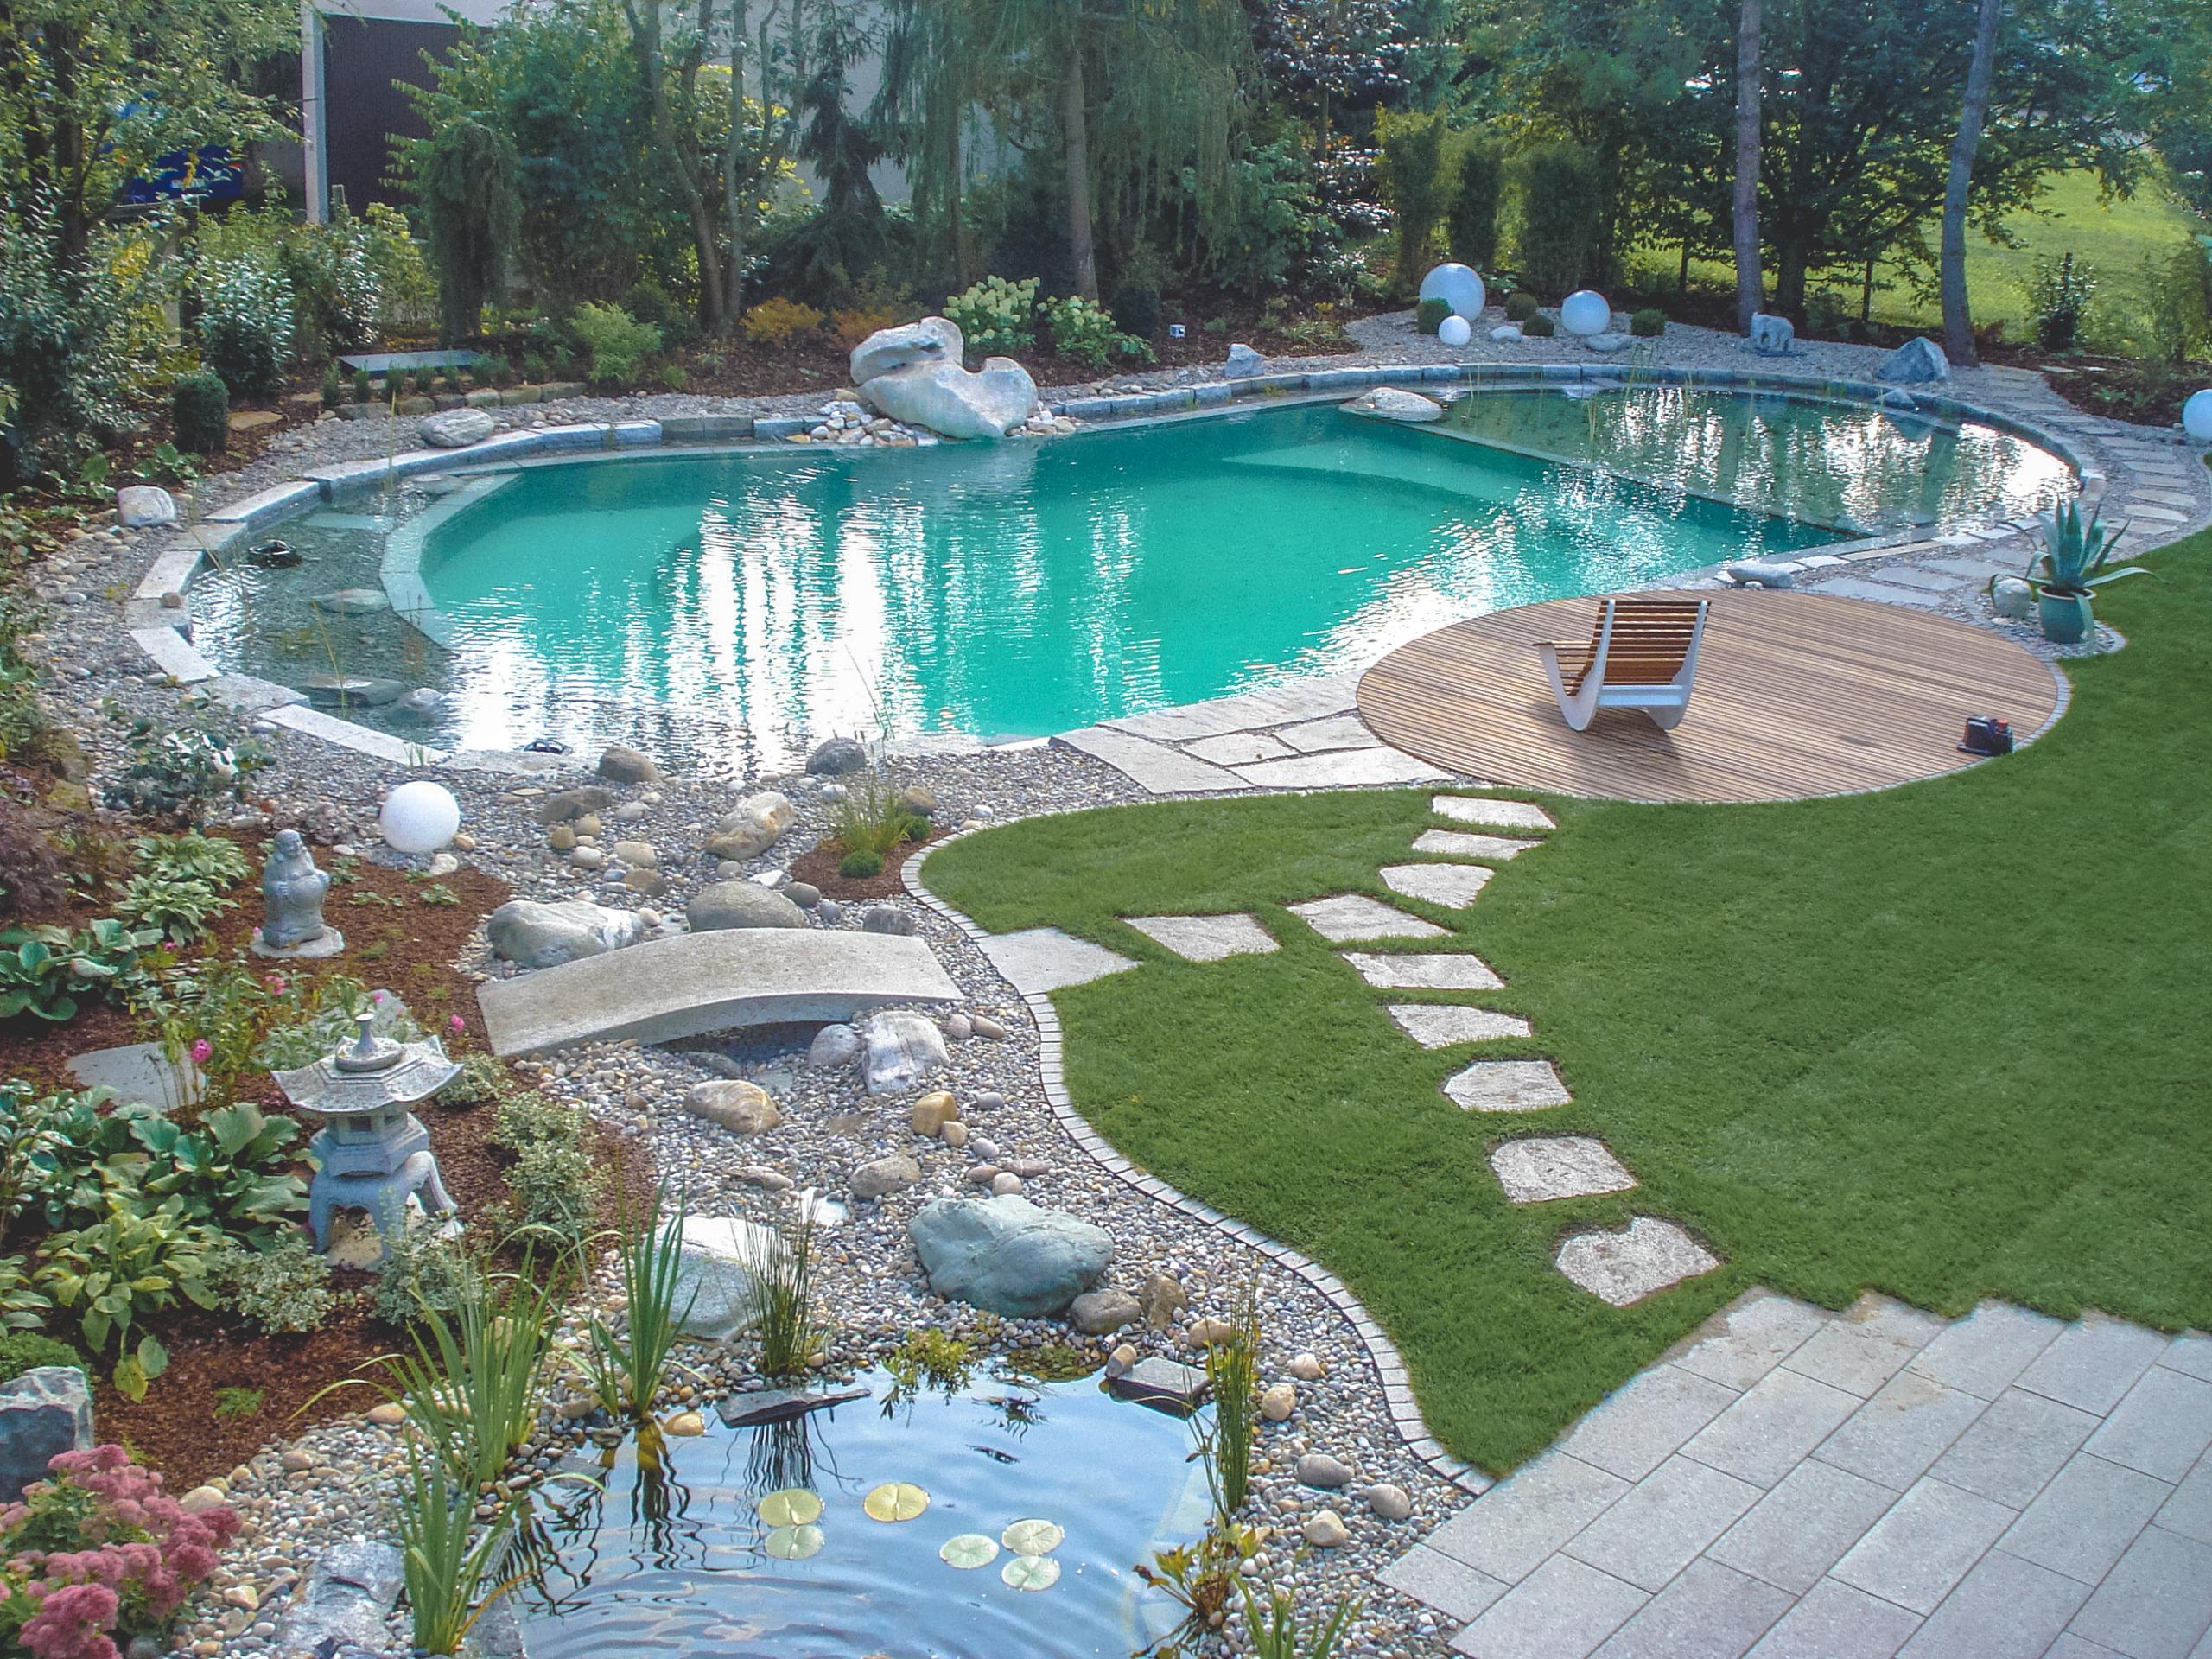 Geiger's Gartengestaltung & Pflanzenwelt